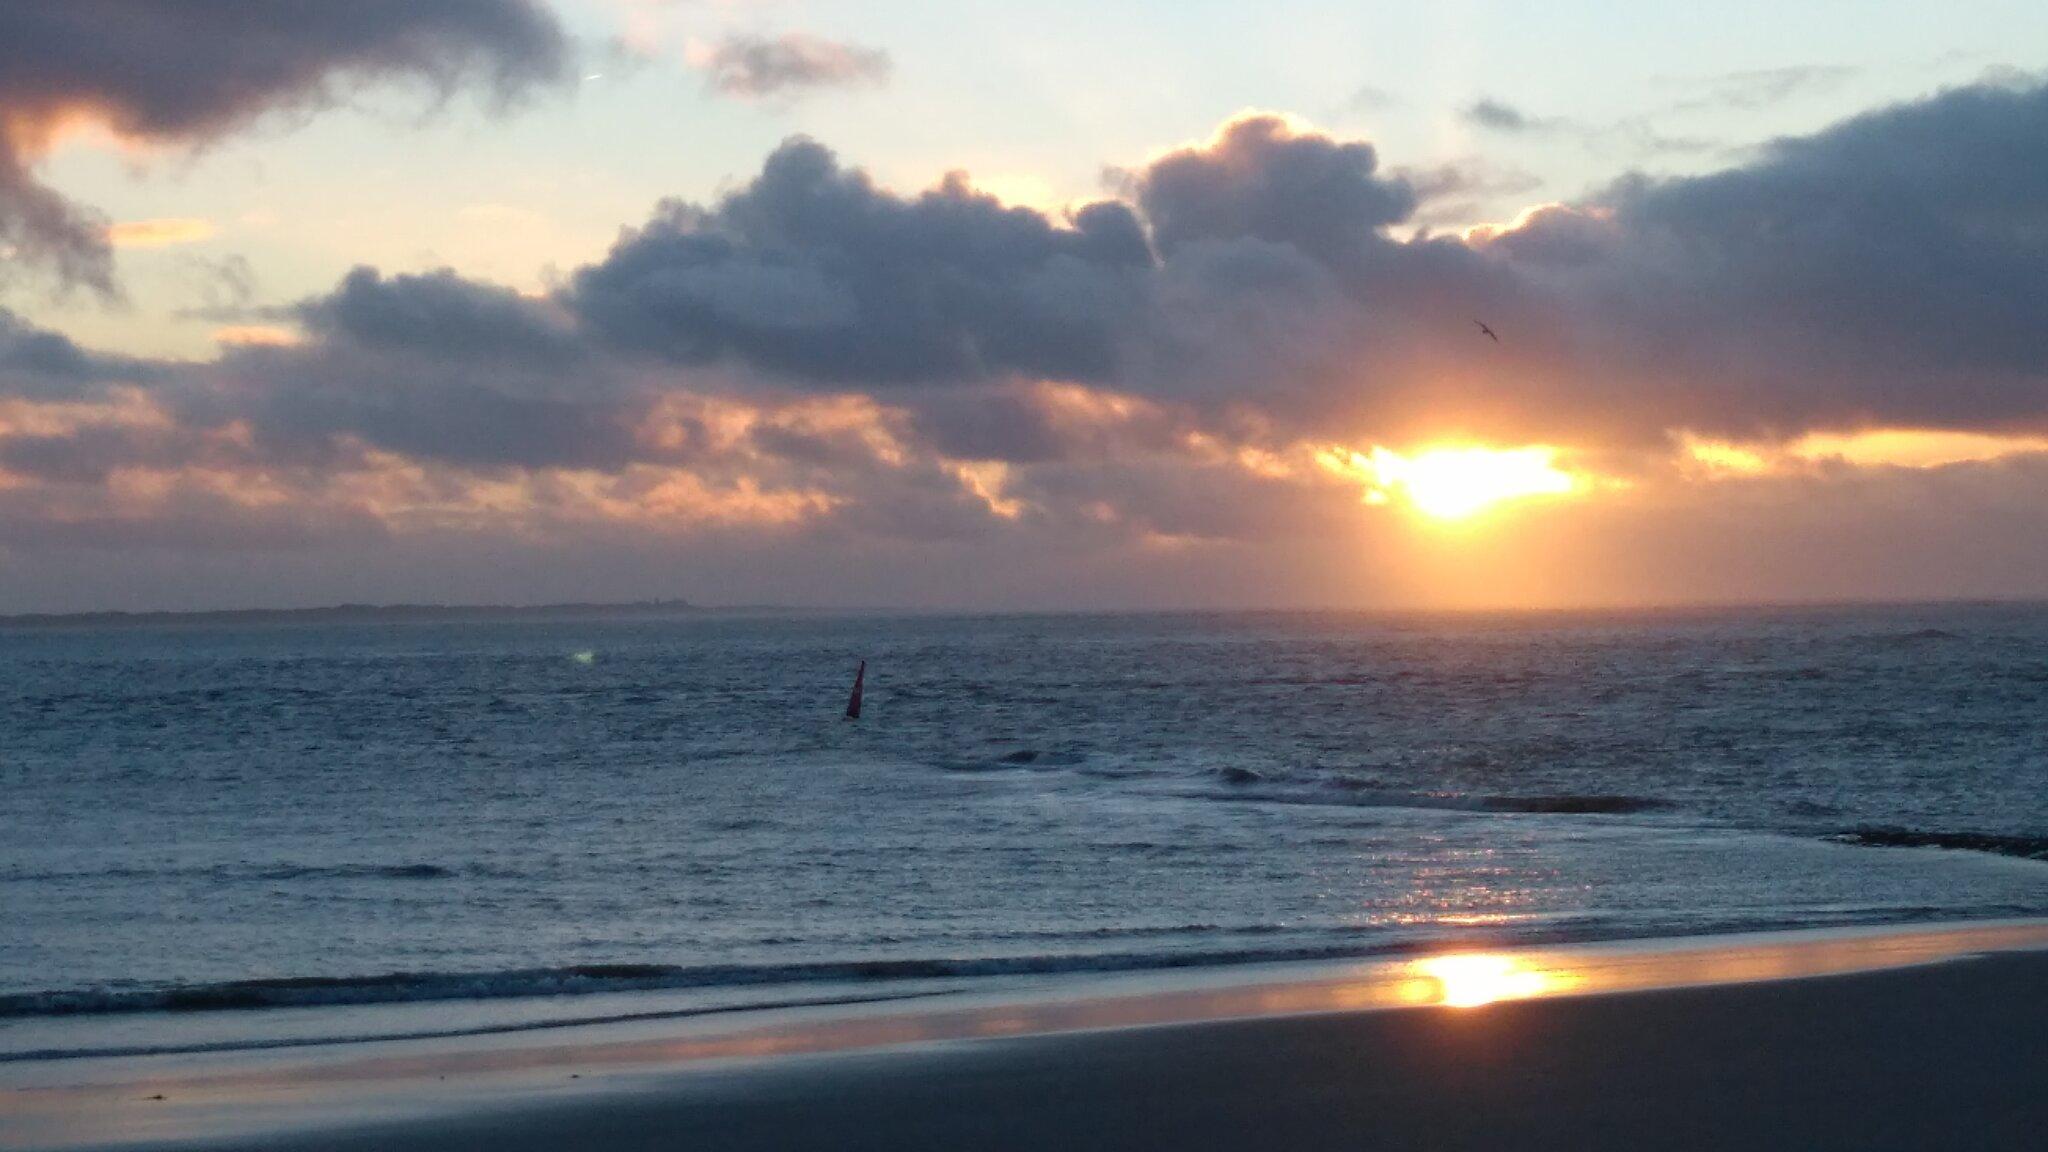 Sonnenuntergang an der Strandpromenade